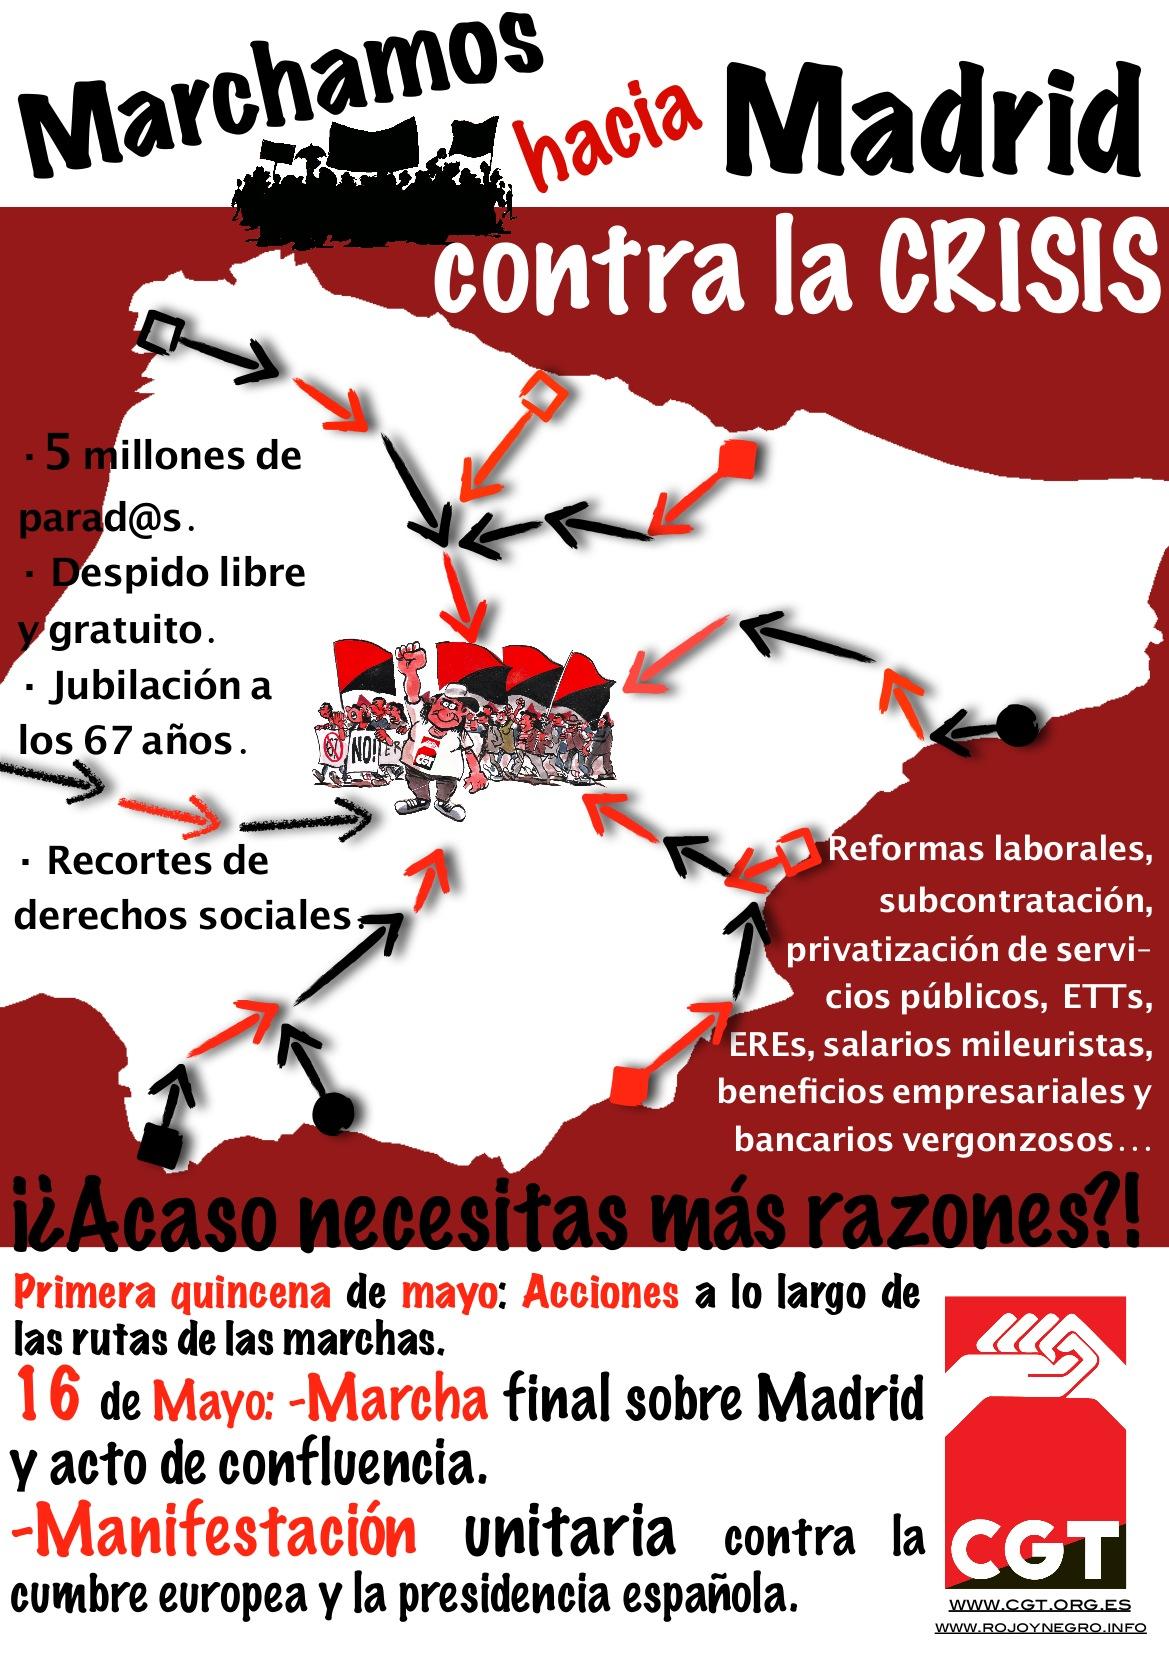 Del 1 al 16 de Mayo: CGT se pone en marcha contra la crisis